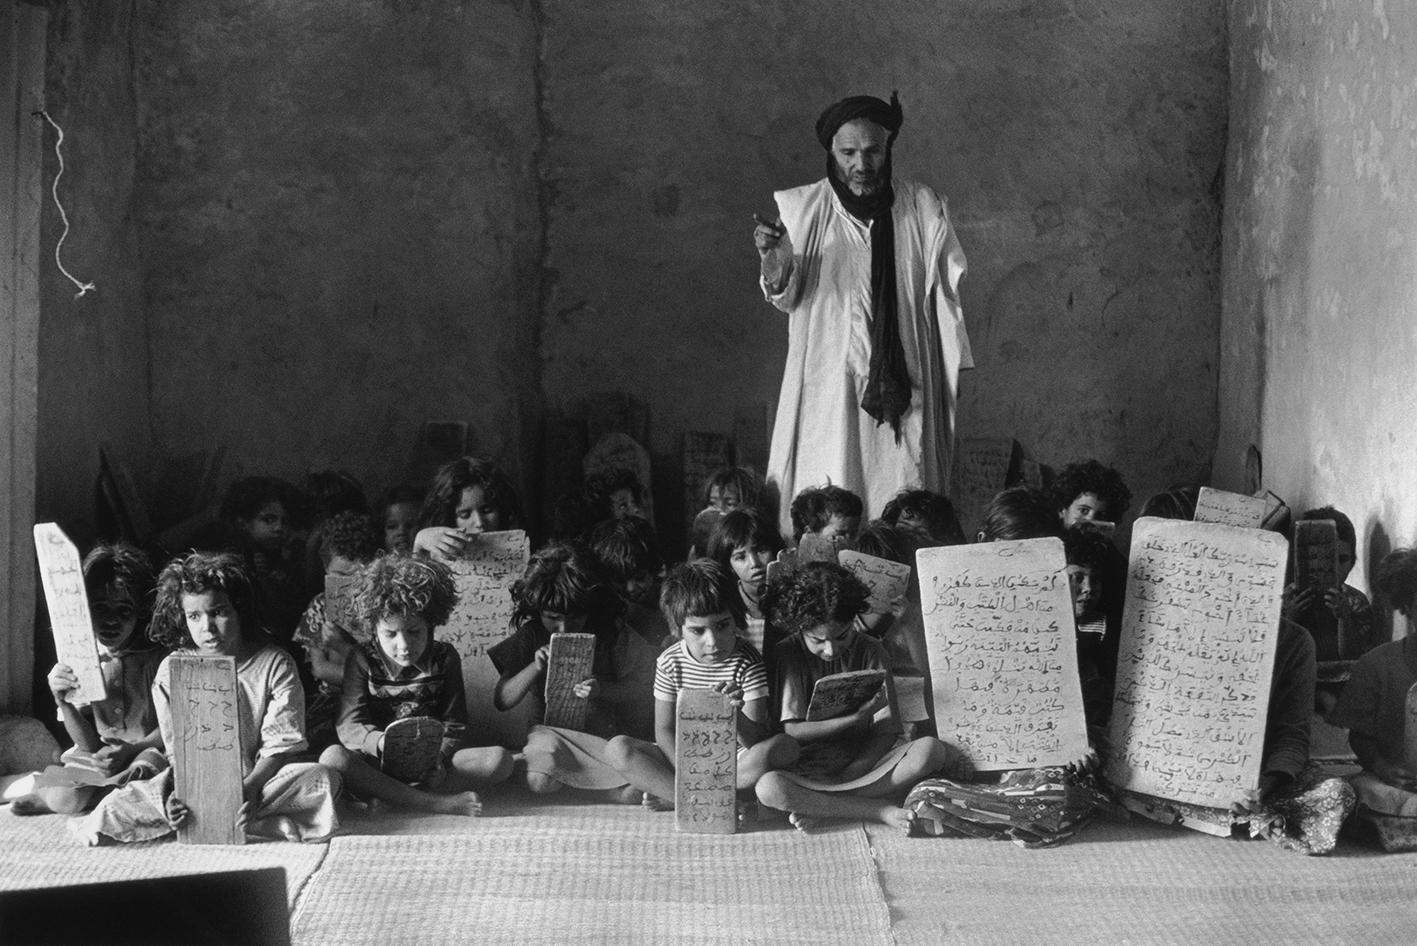 &#169Christine Spengler - Sahara Occidental, 1976.